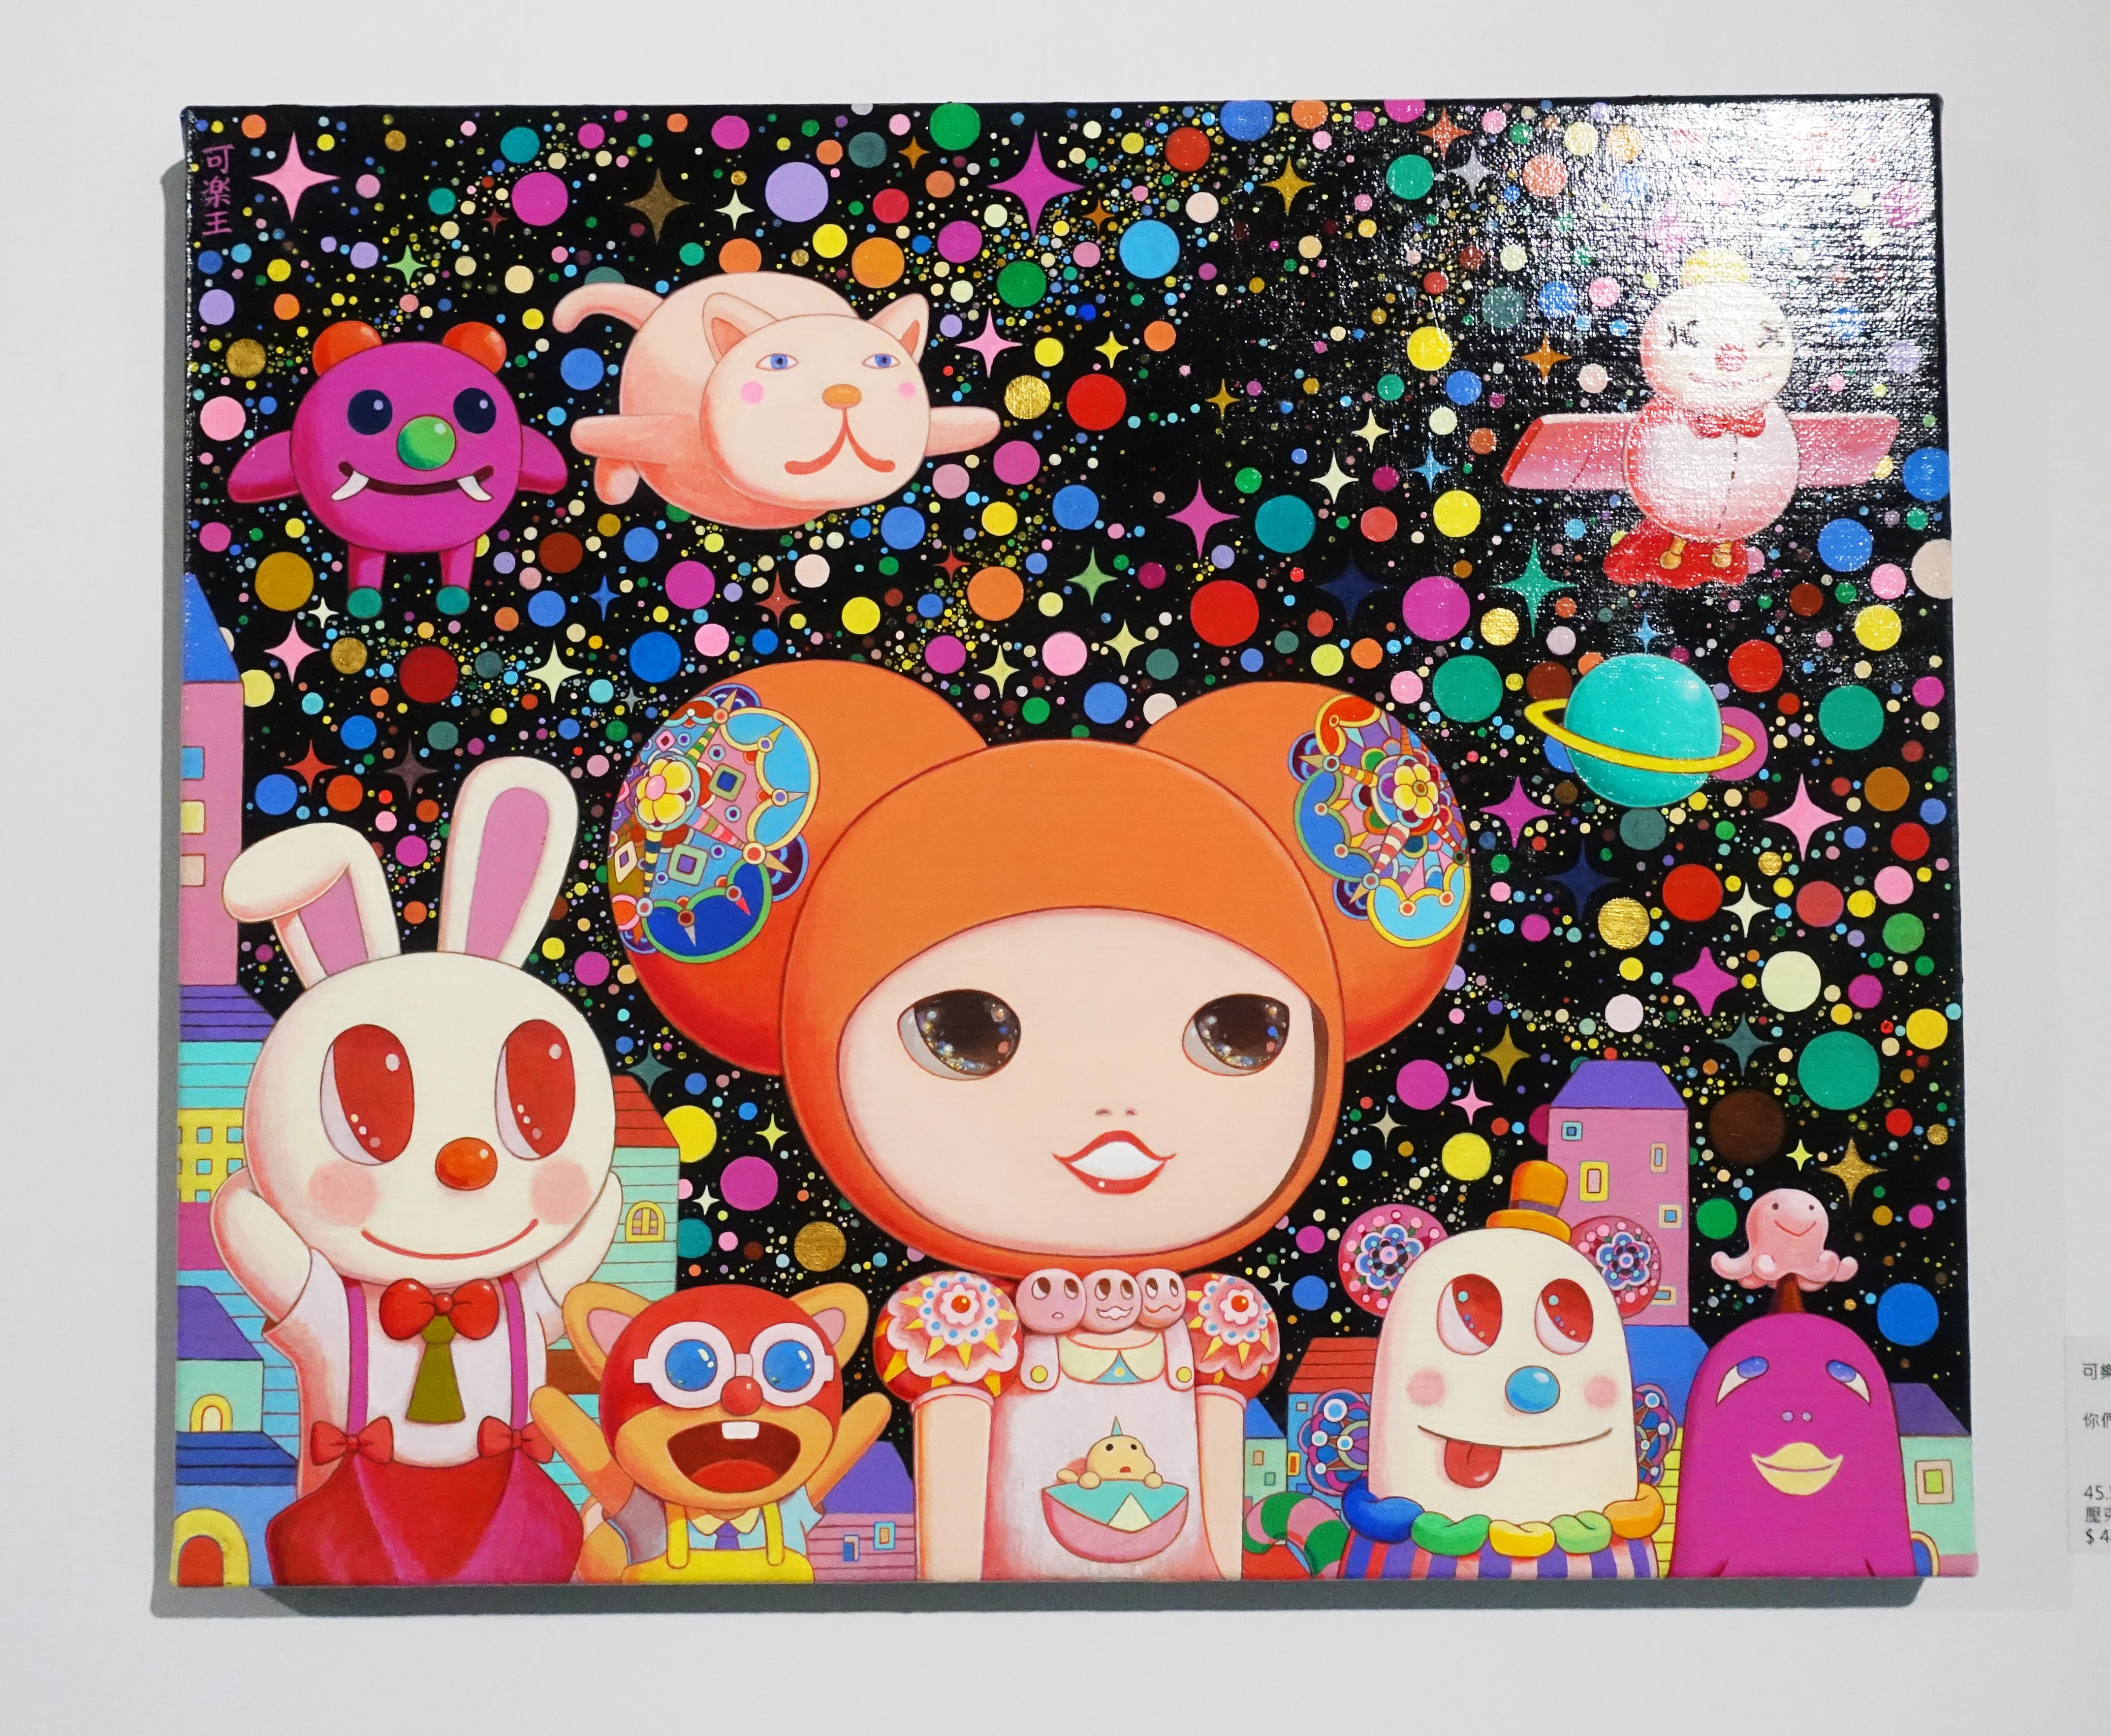 可樂王,《你們是我最好的朋友》,45.5 x 38 cm,壓克力、畫布,2013-2019。